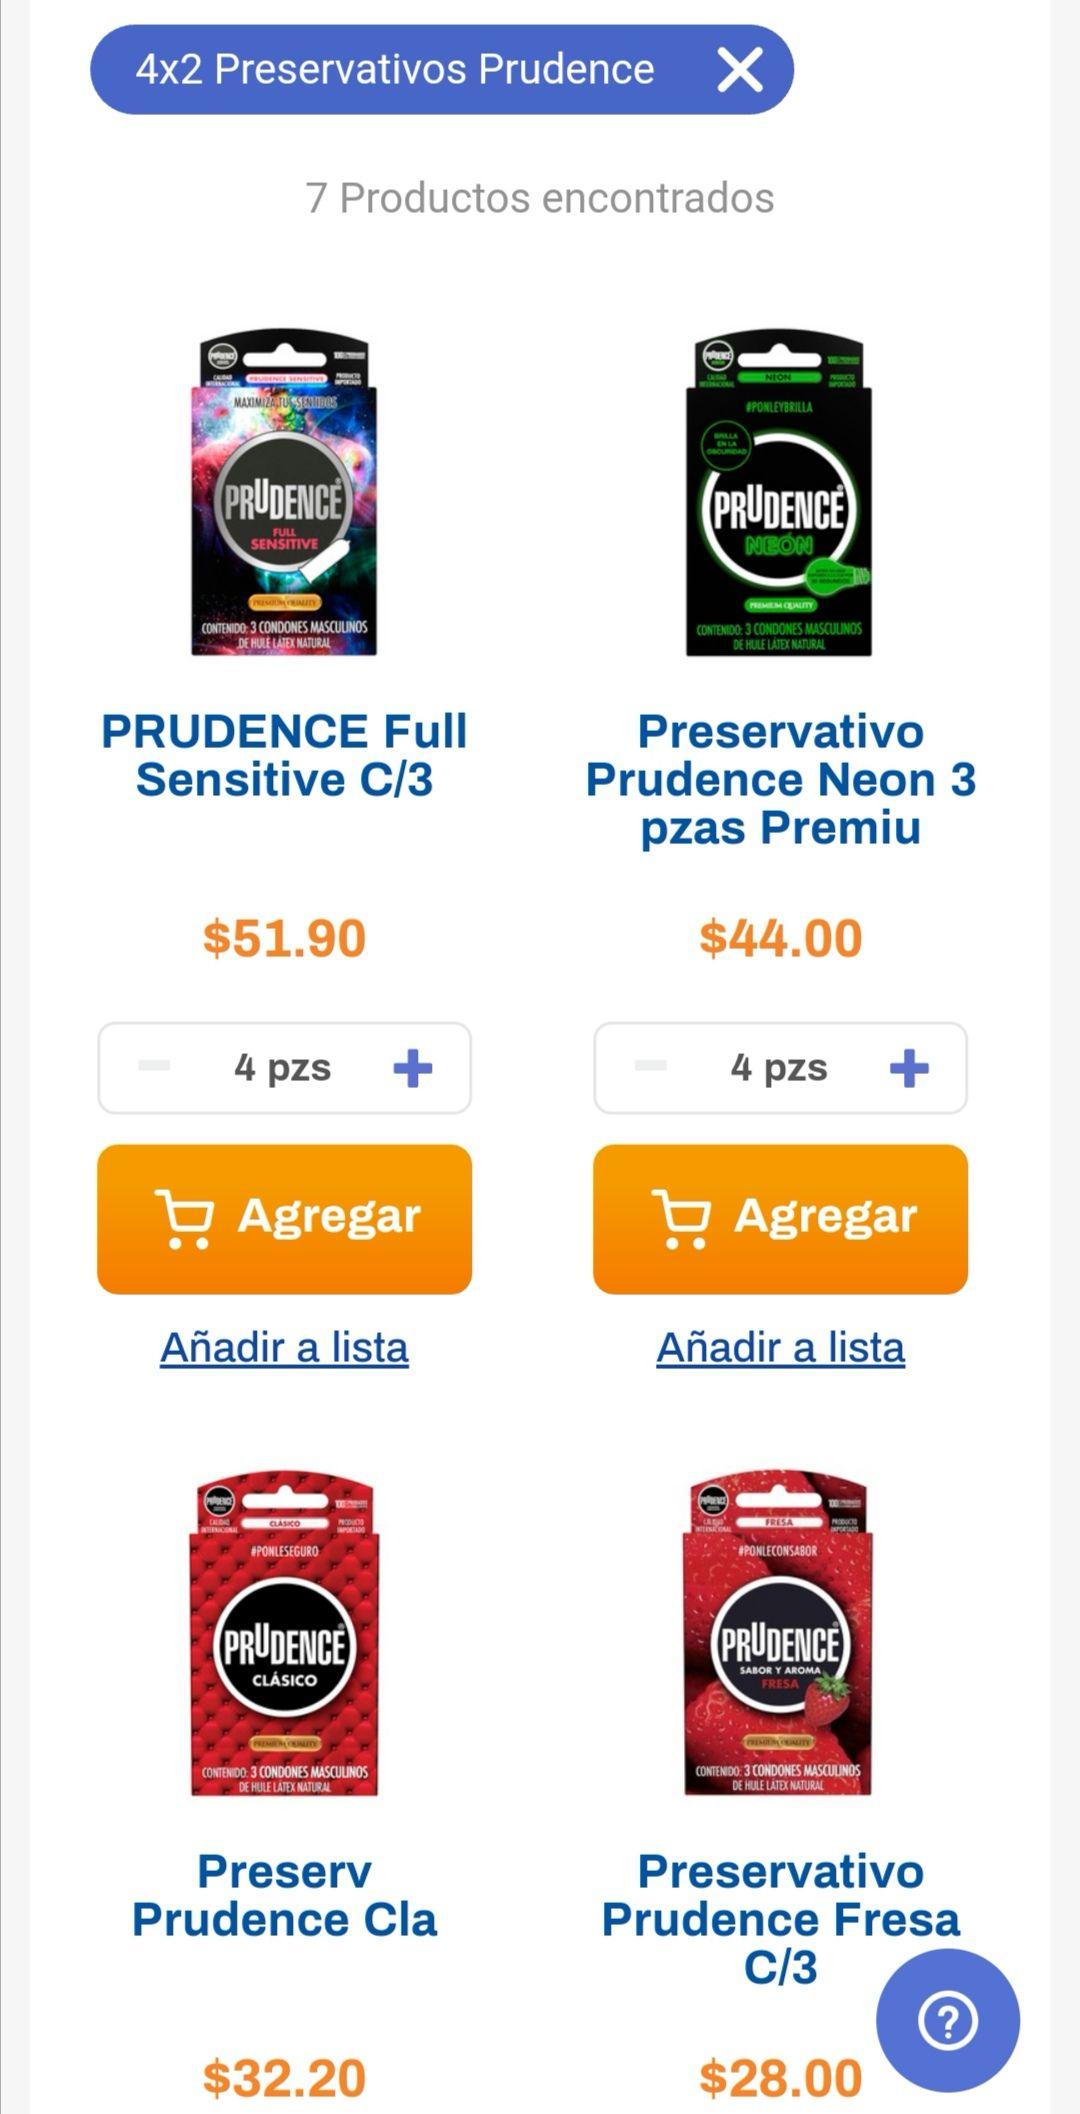 Chedraui: 4 x 2 en preservativos Prudence